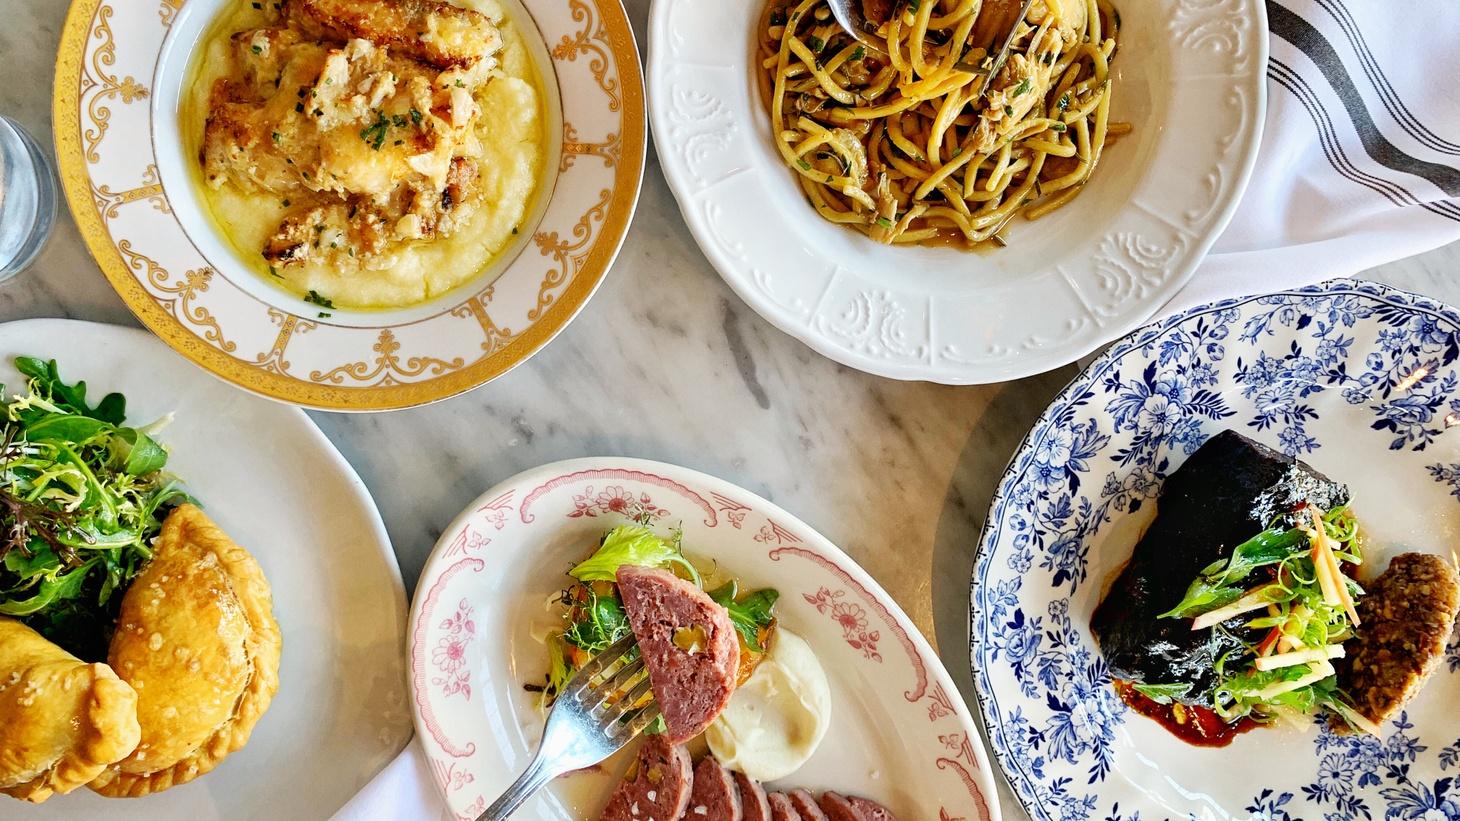 Dishes from Rossoblu's Cucina Ebraica menu.